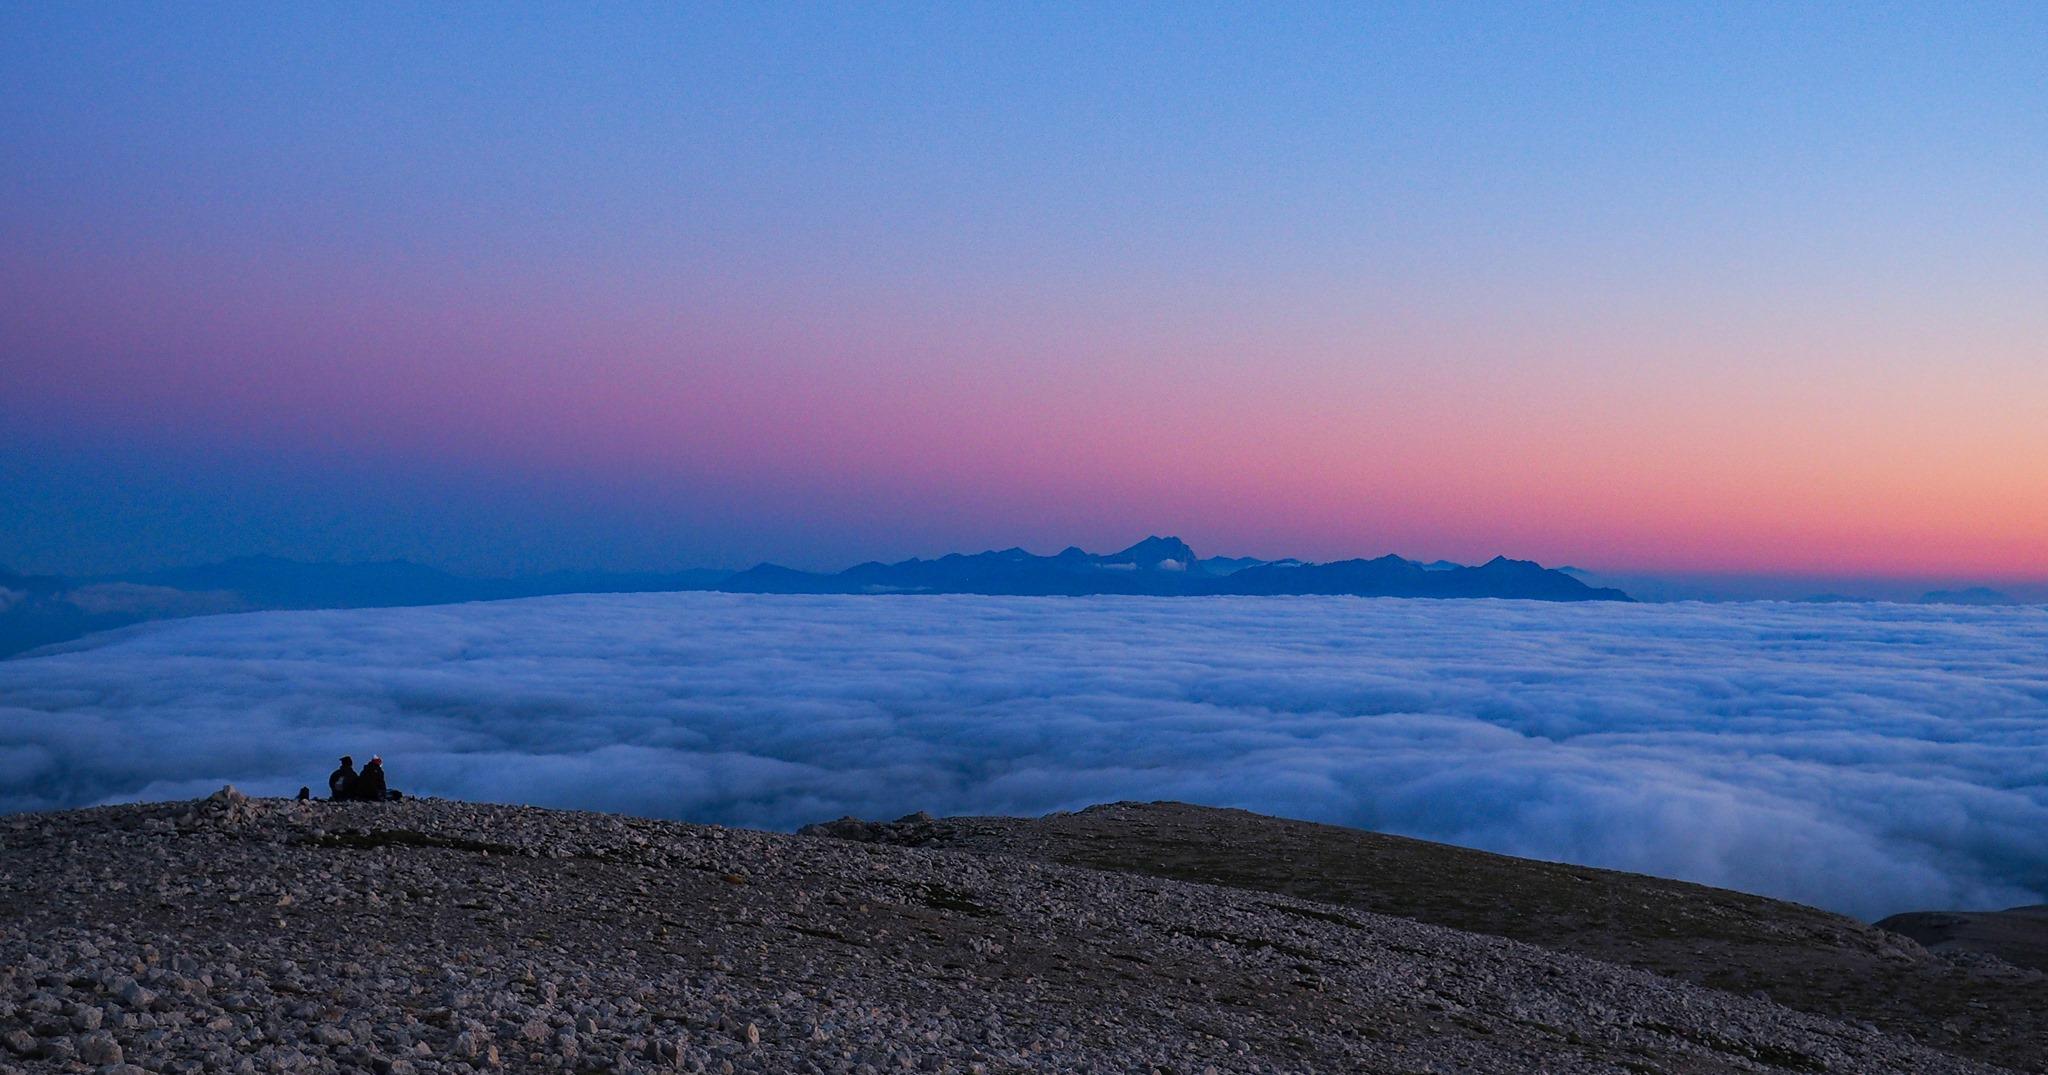 Eventi in Abruzzo. Trekking sotto le stelle della Maiella: notturna e alba sul Monte Amaro